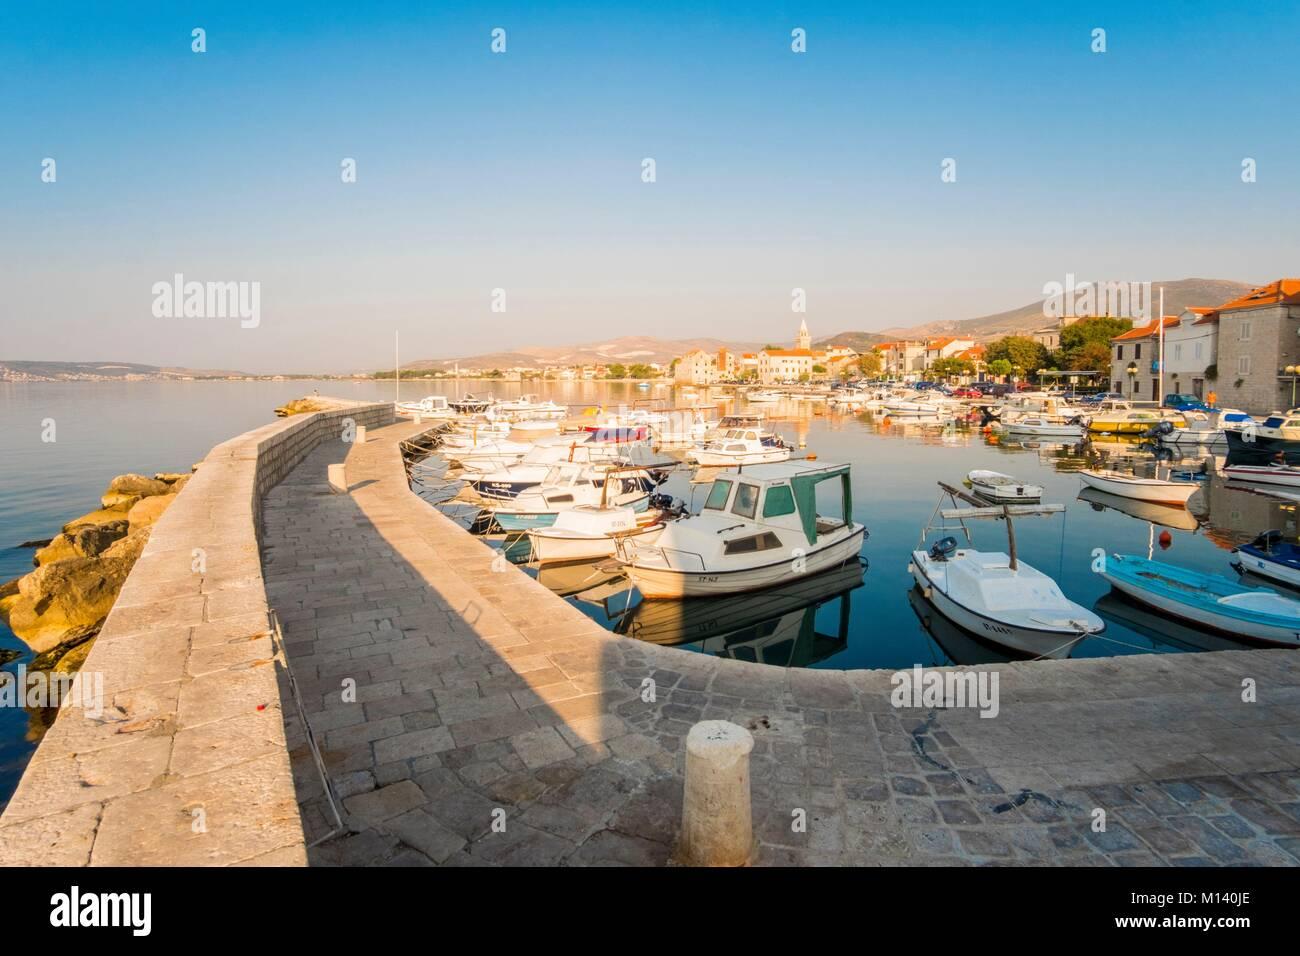 Croatia, North Dalmatia, Dalmatian coast, Zadar archipelago, Kastela, Kastel Novi harbour - Stock Image